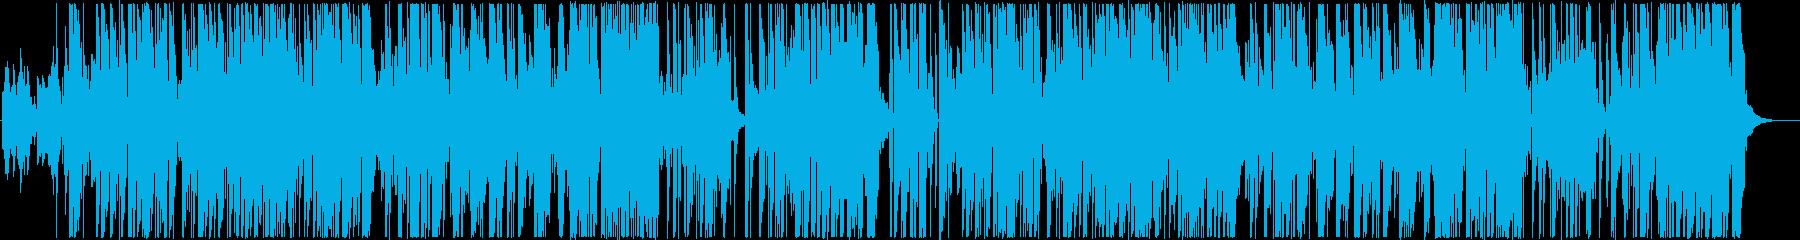 アグレッシヴなレゲエヒップホップの再生済みの波形